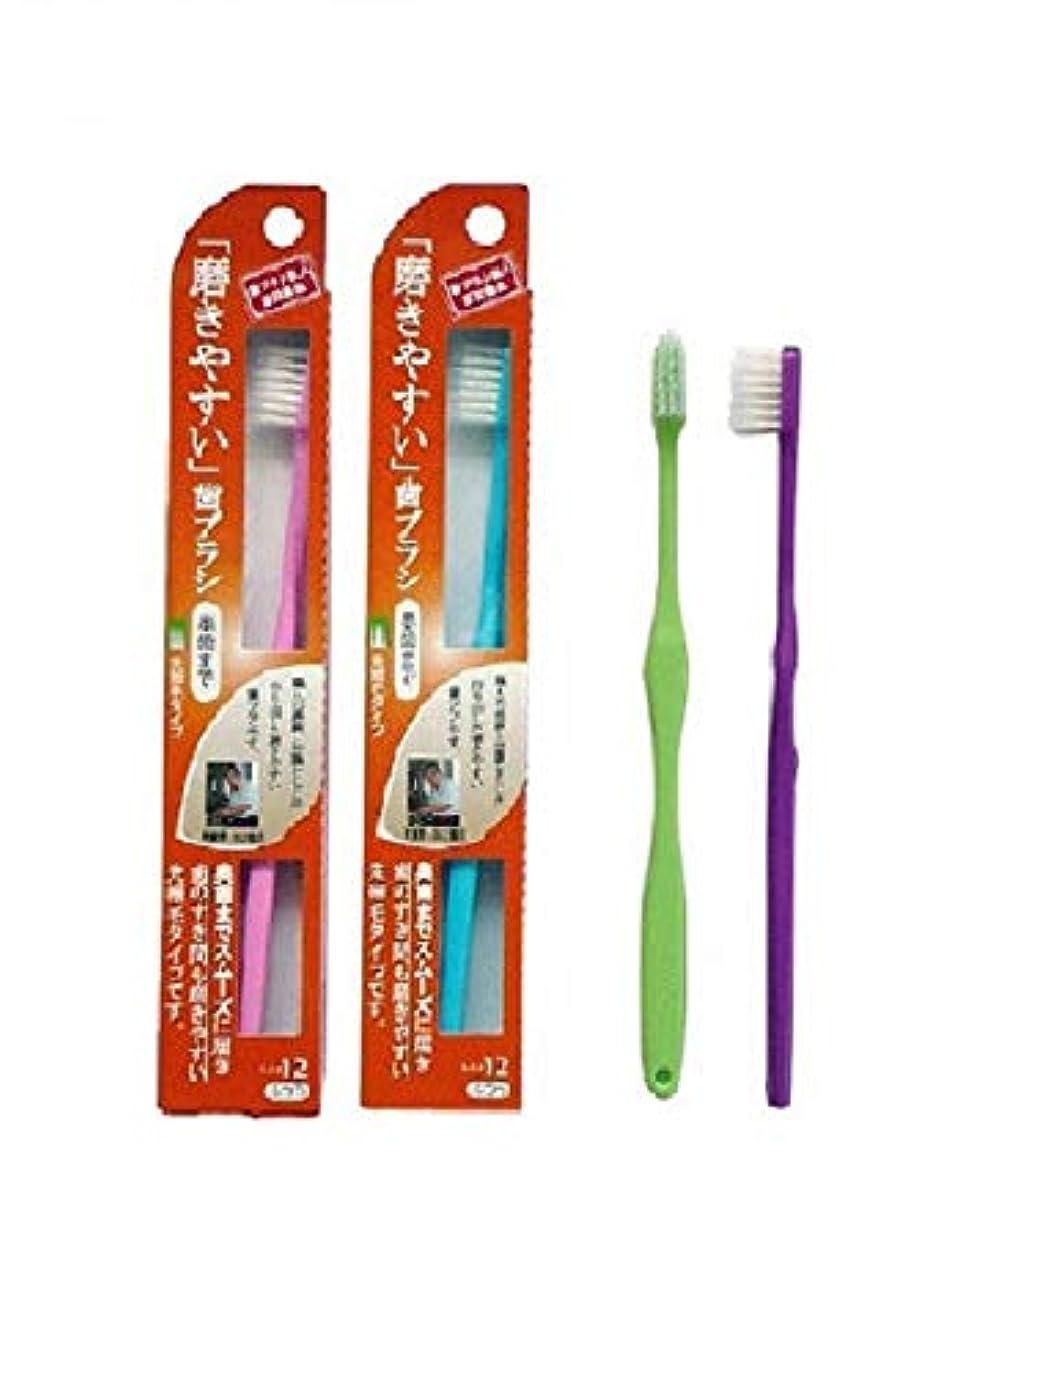 ナンセンスガイド糸【まとめ買い 600本セット】ライフレンジ 磨きやすい歯ブラシ(奥歯まで)先細毛タイプ LT-12